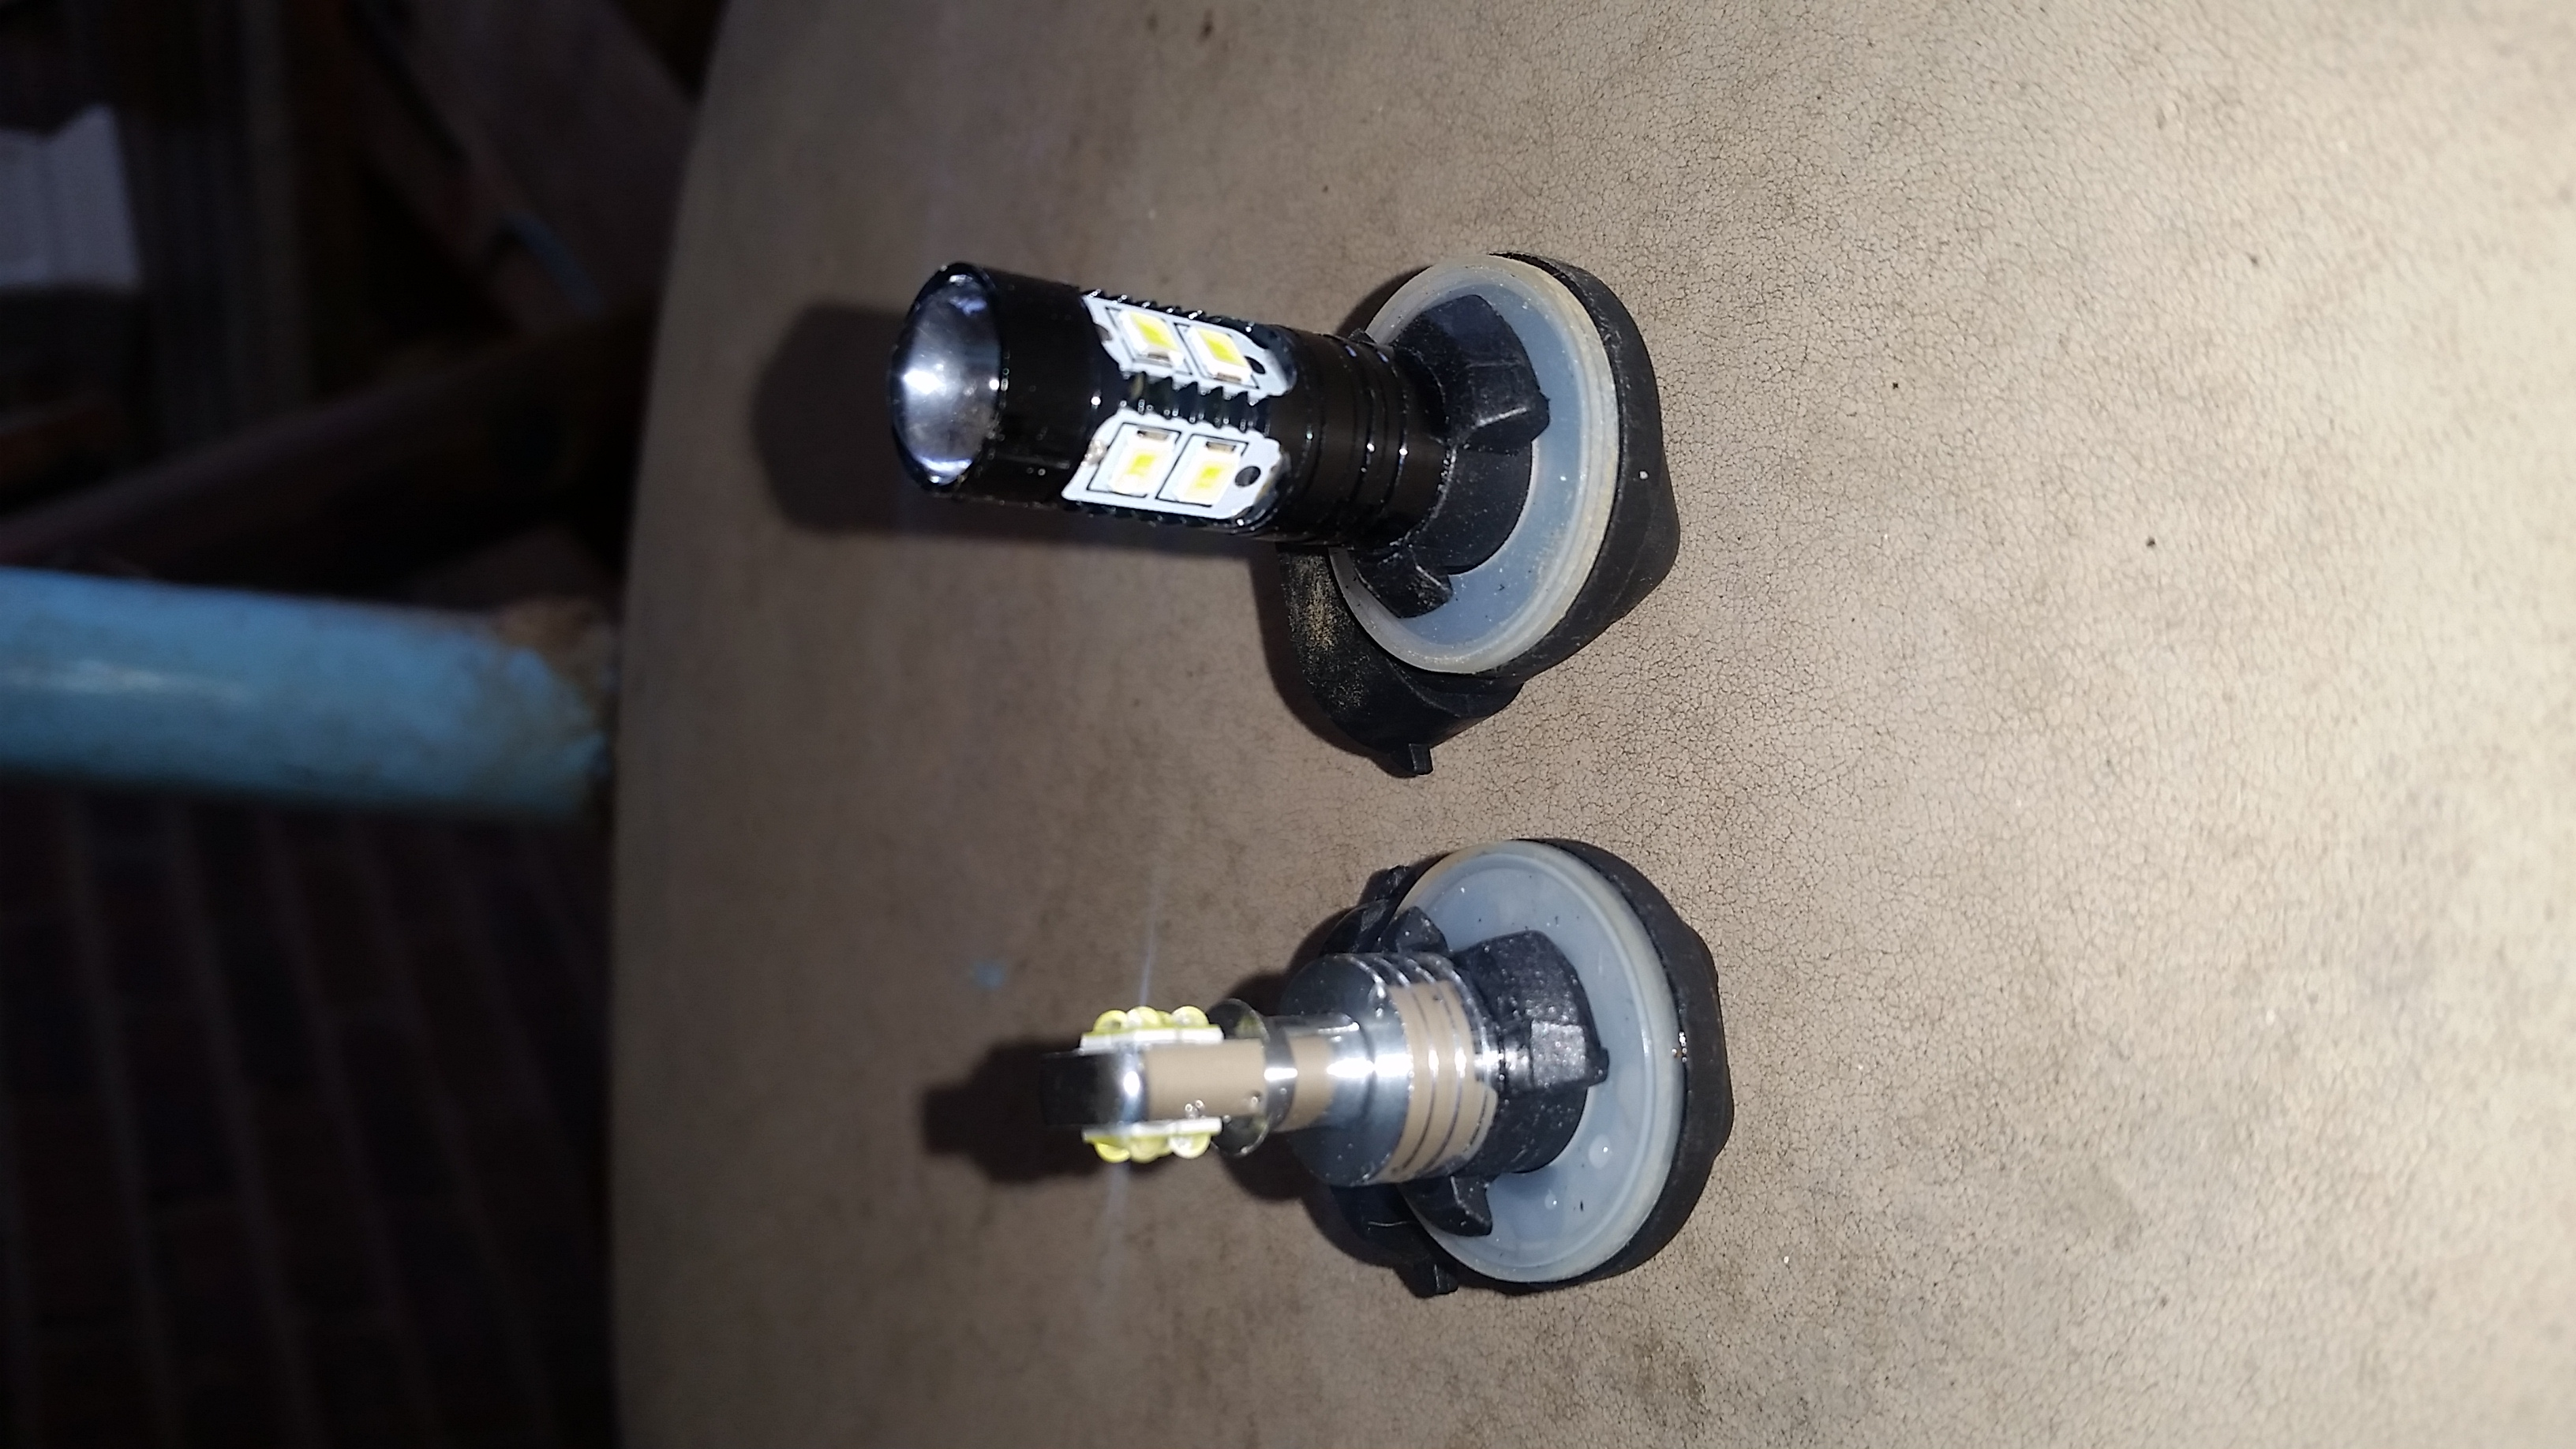 John Deere Gator Headlight Bulb : John deere gator headlight led image of deer ledimage